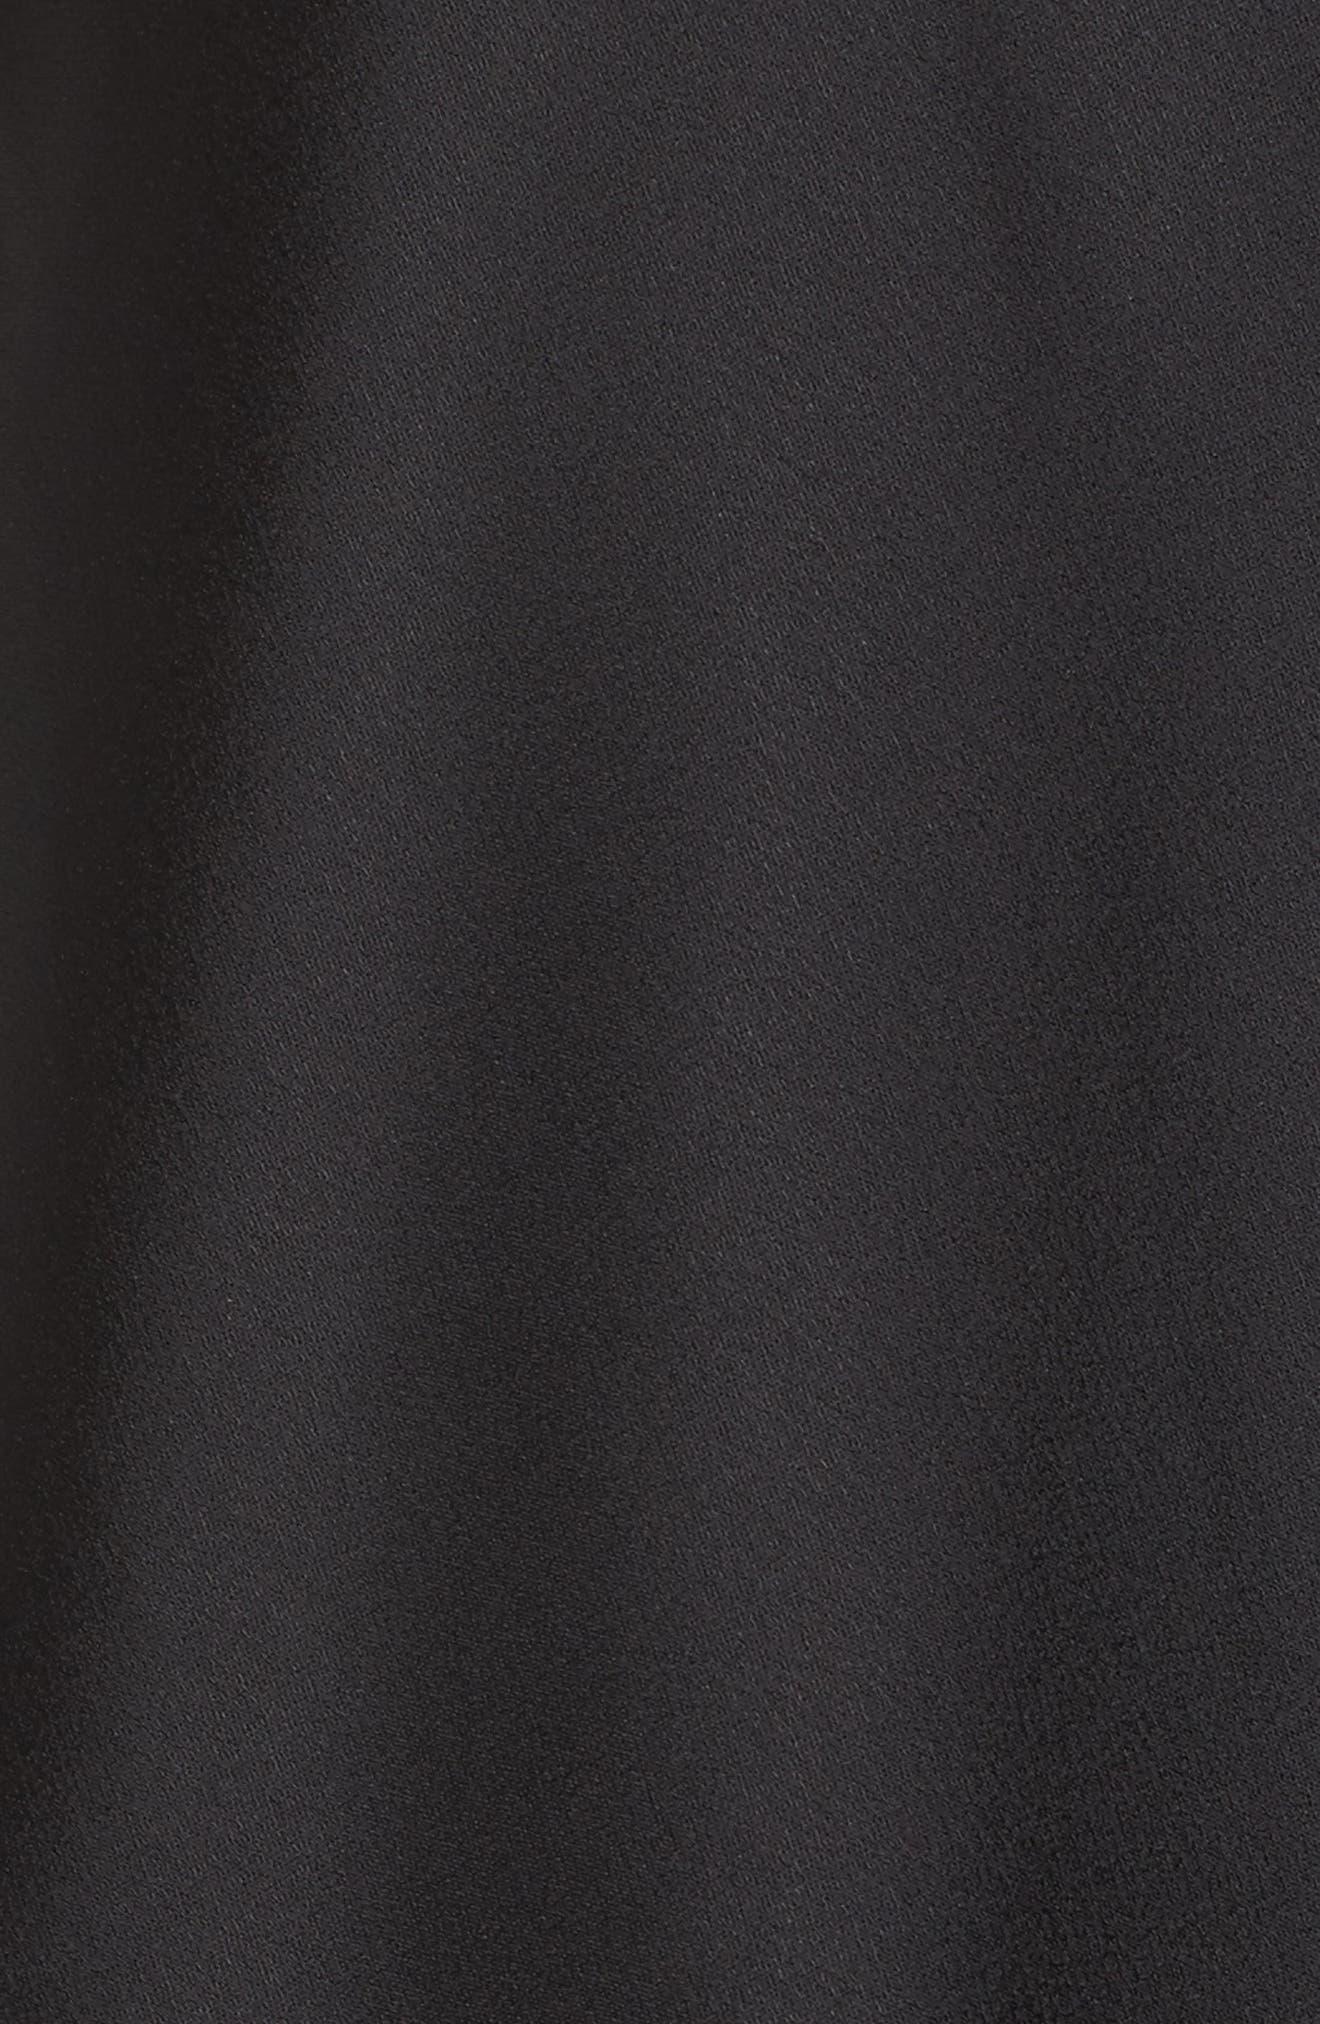 Crepe & Satin Ruffle Shift Dress,                             Alternate thumbnail 5, color,                             002